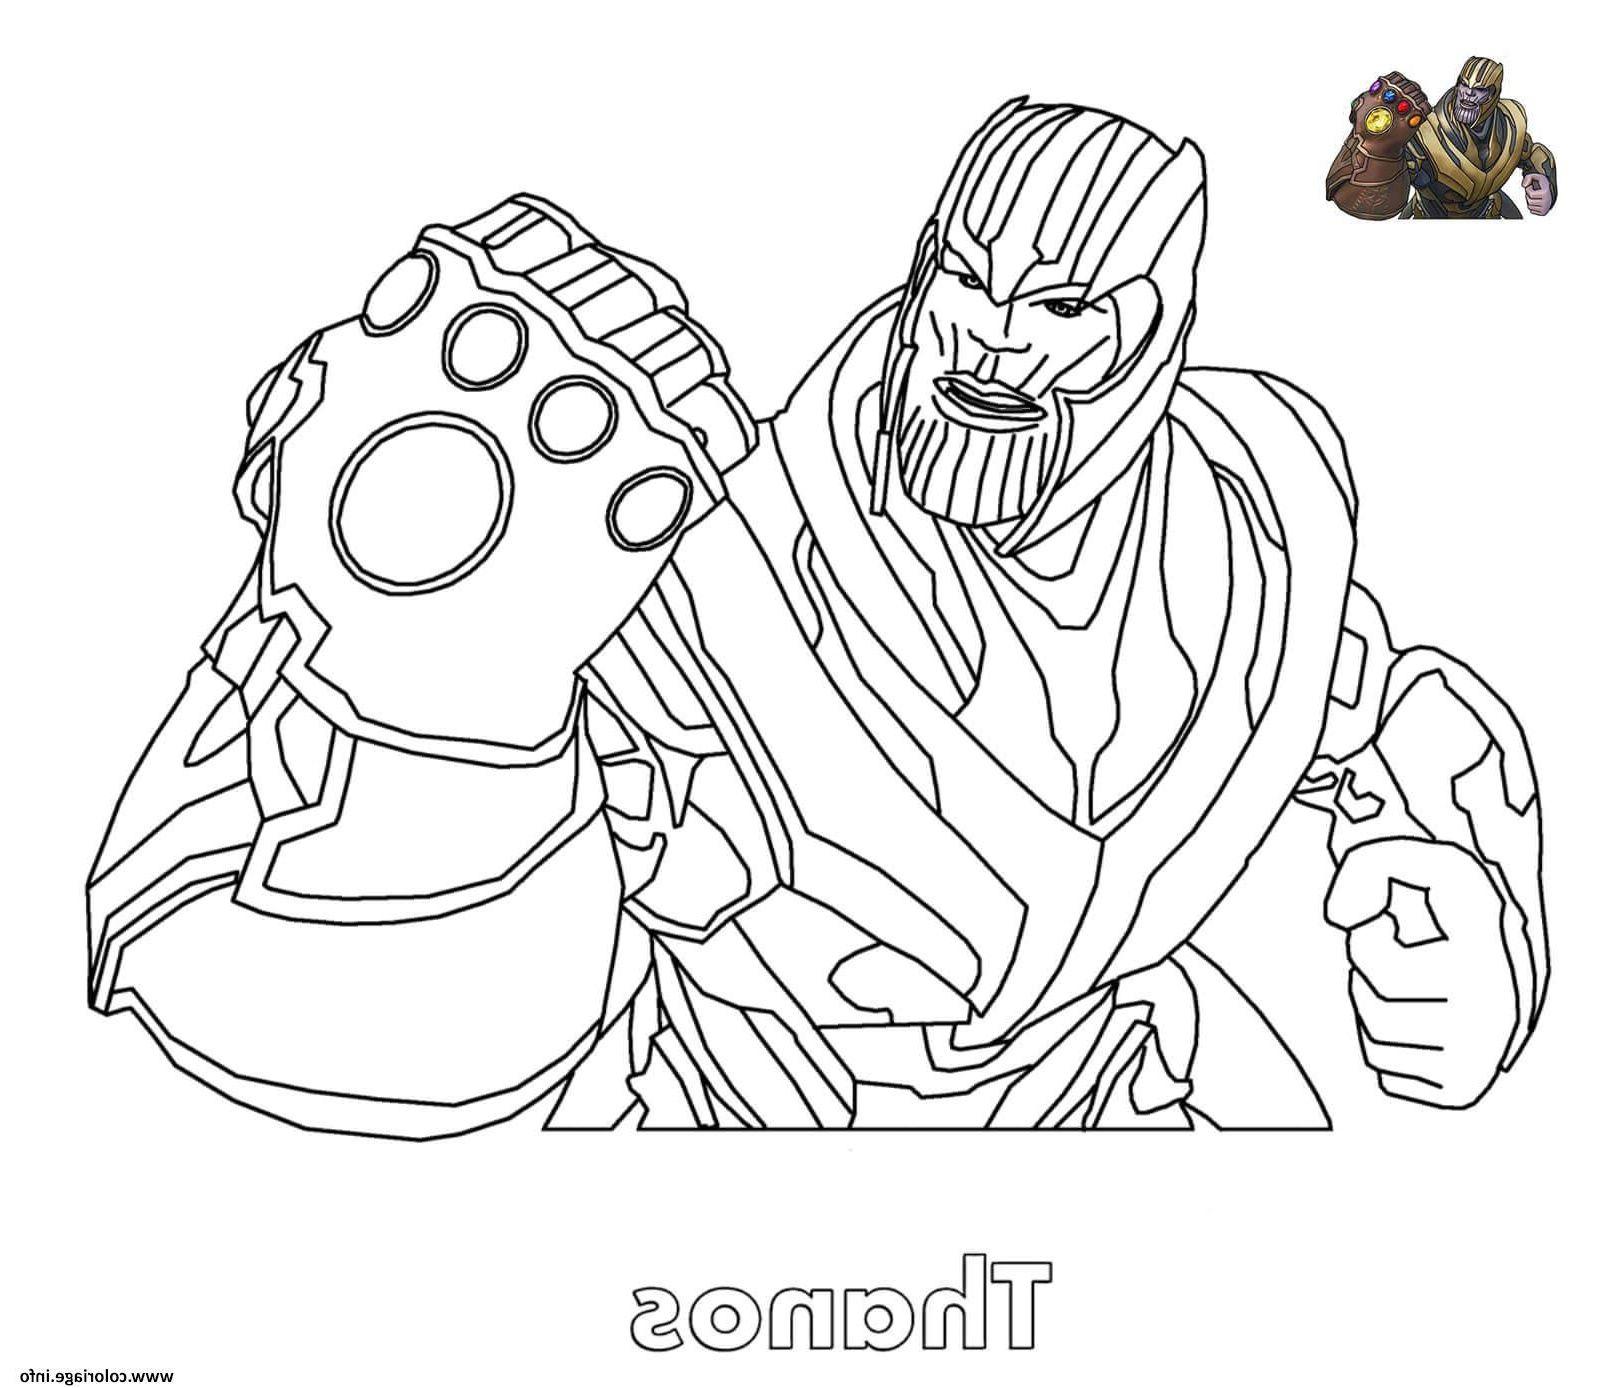 Coloriage À Imprimer Fortnite Génial Coloriage Thanos destiné Dessin A Imprimer Personnage Fortnite